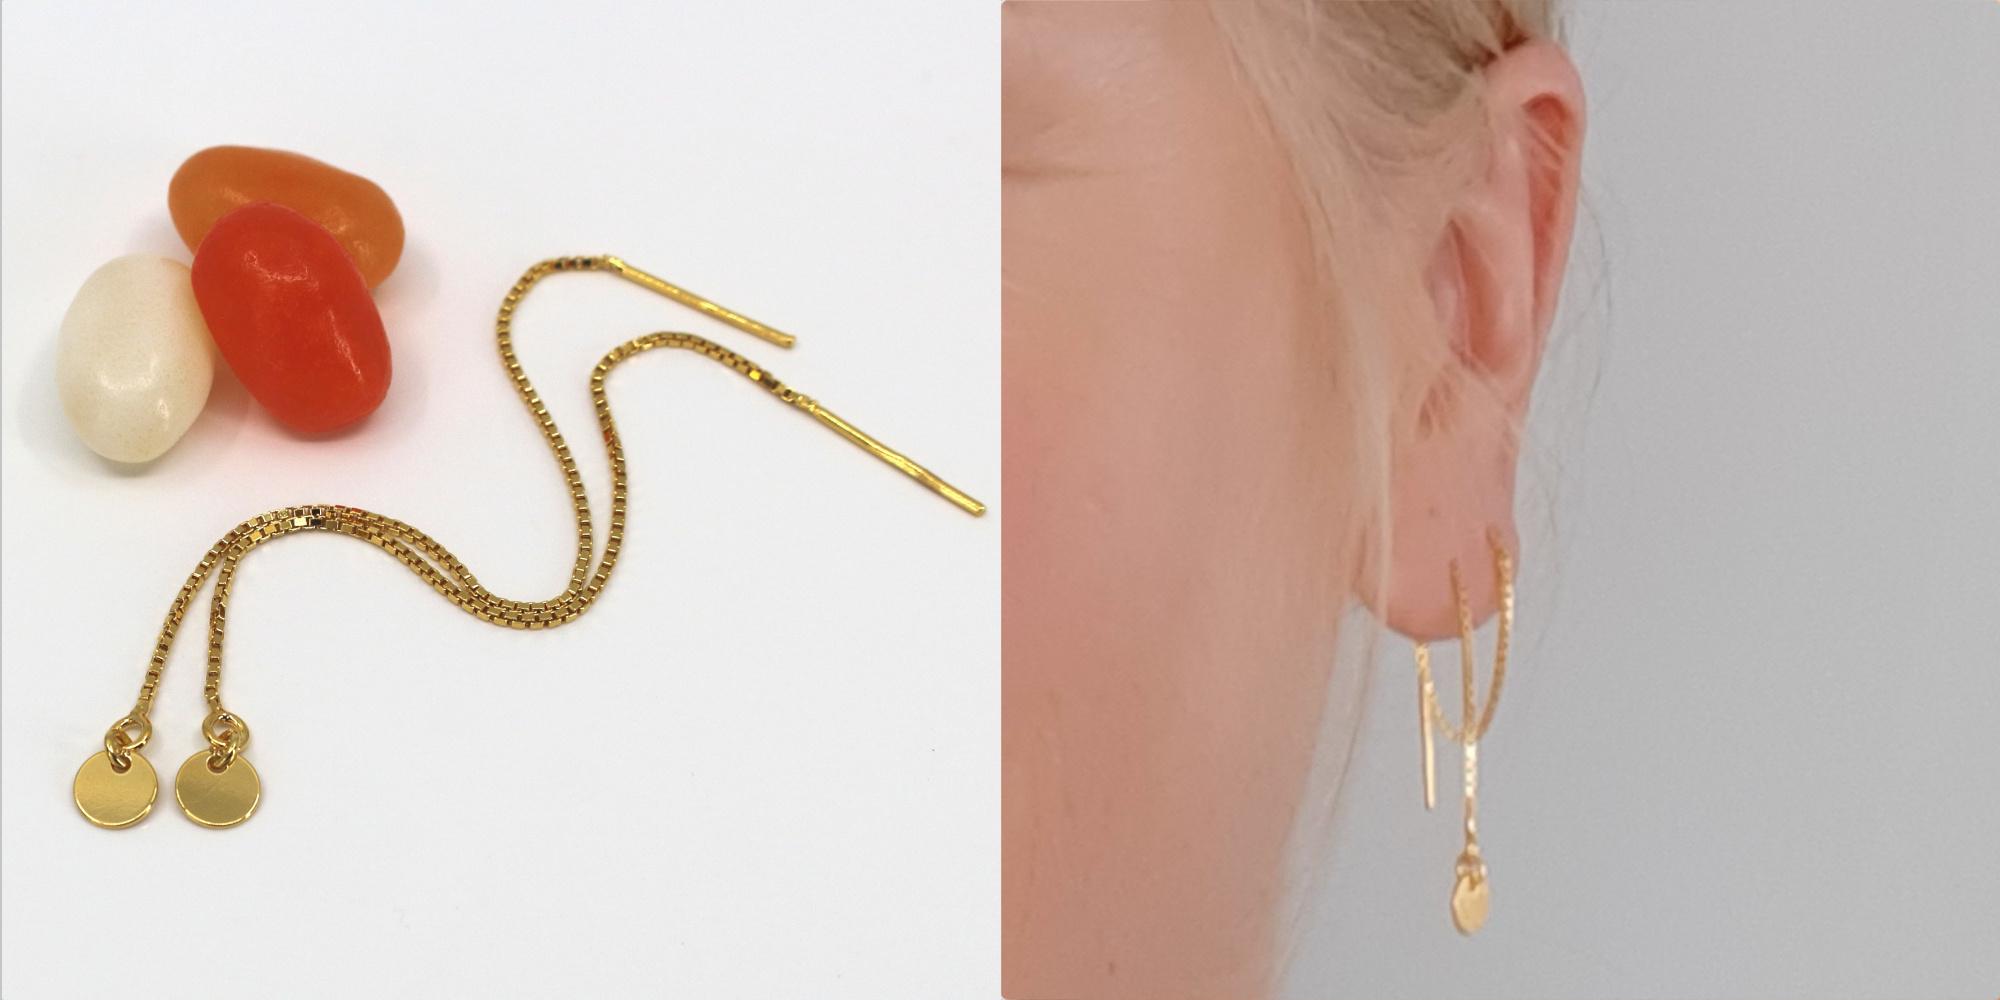 ARLIZI Schmuck Durchzieher Ohrring Sterling Silber vergoldet